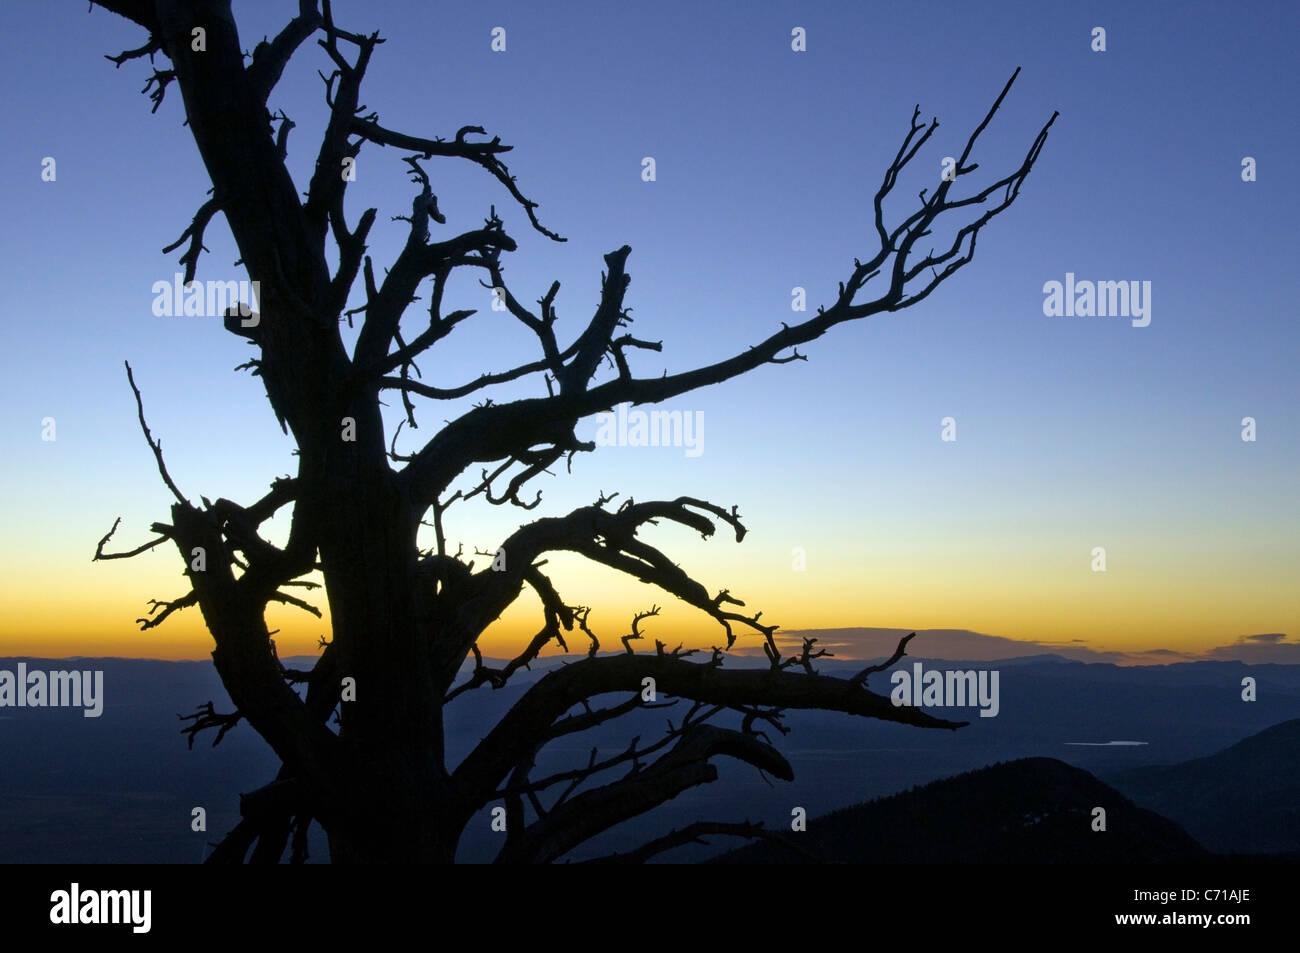 Eine Silhouette eines Baumes bei Sonnenaufgang im Great Basin National Park, NV. Stockfoto